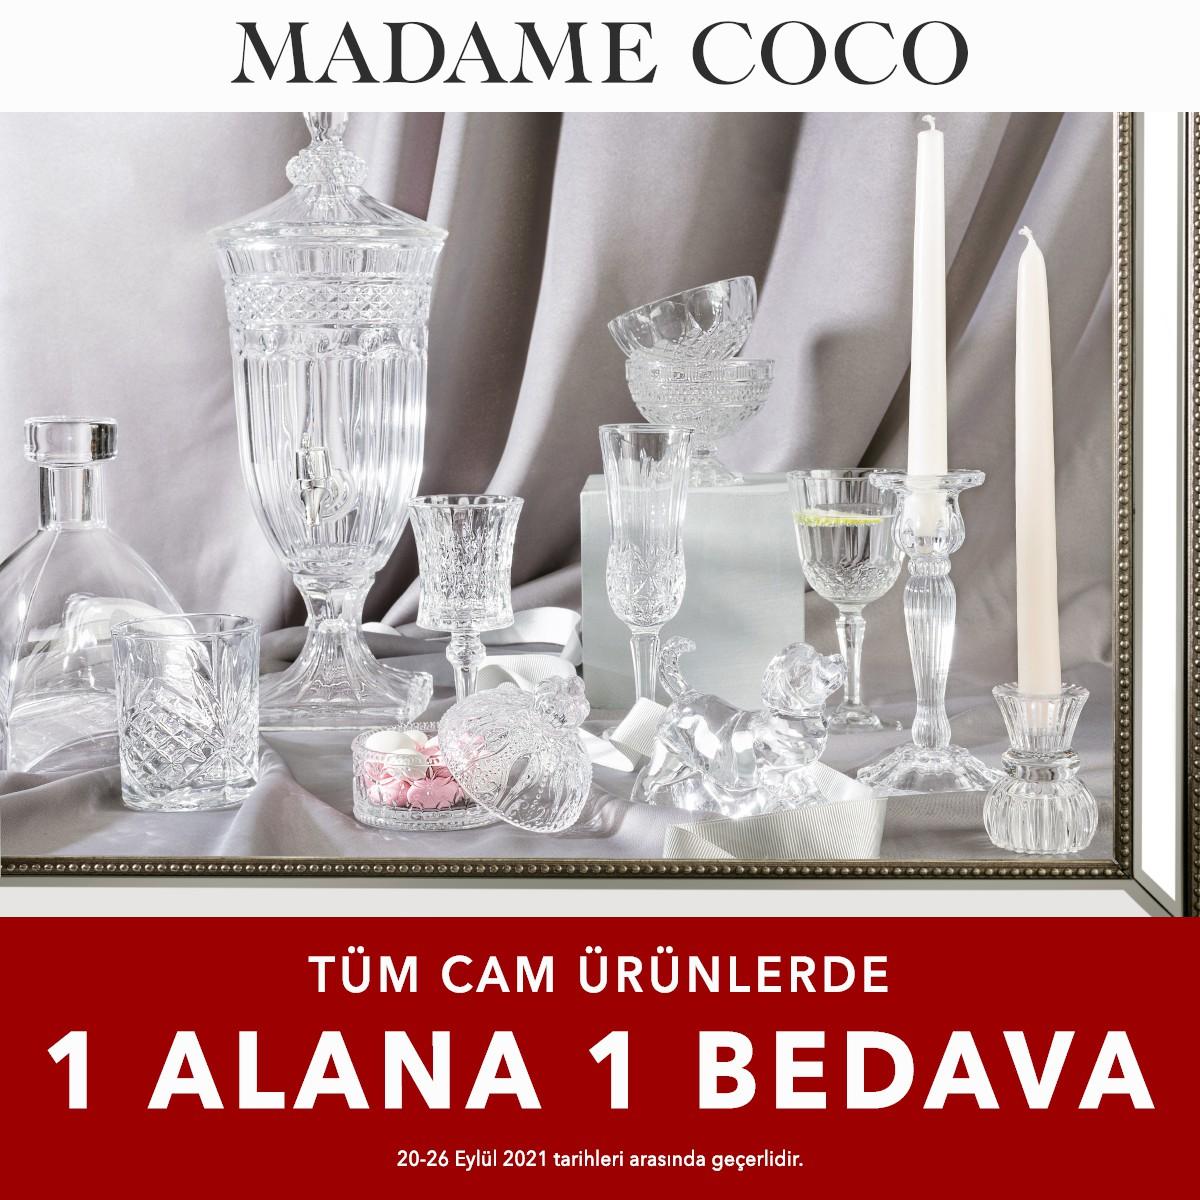 Madame Coco Tüm Cam Ürünlerde 1 Alana 1 Bedava